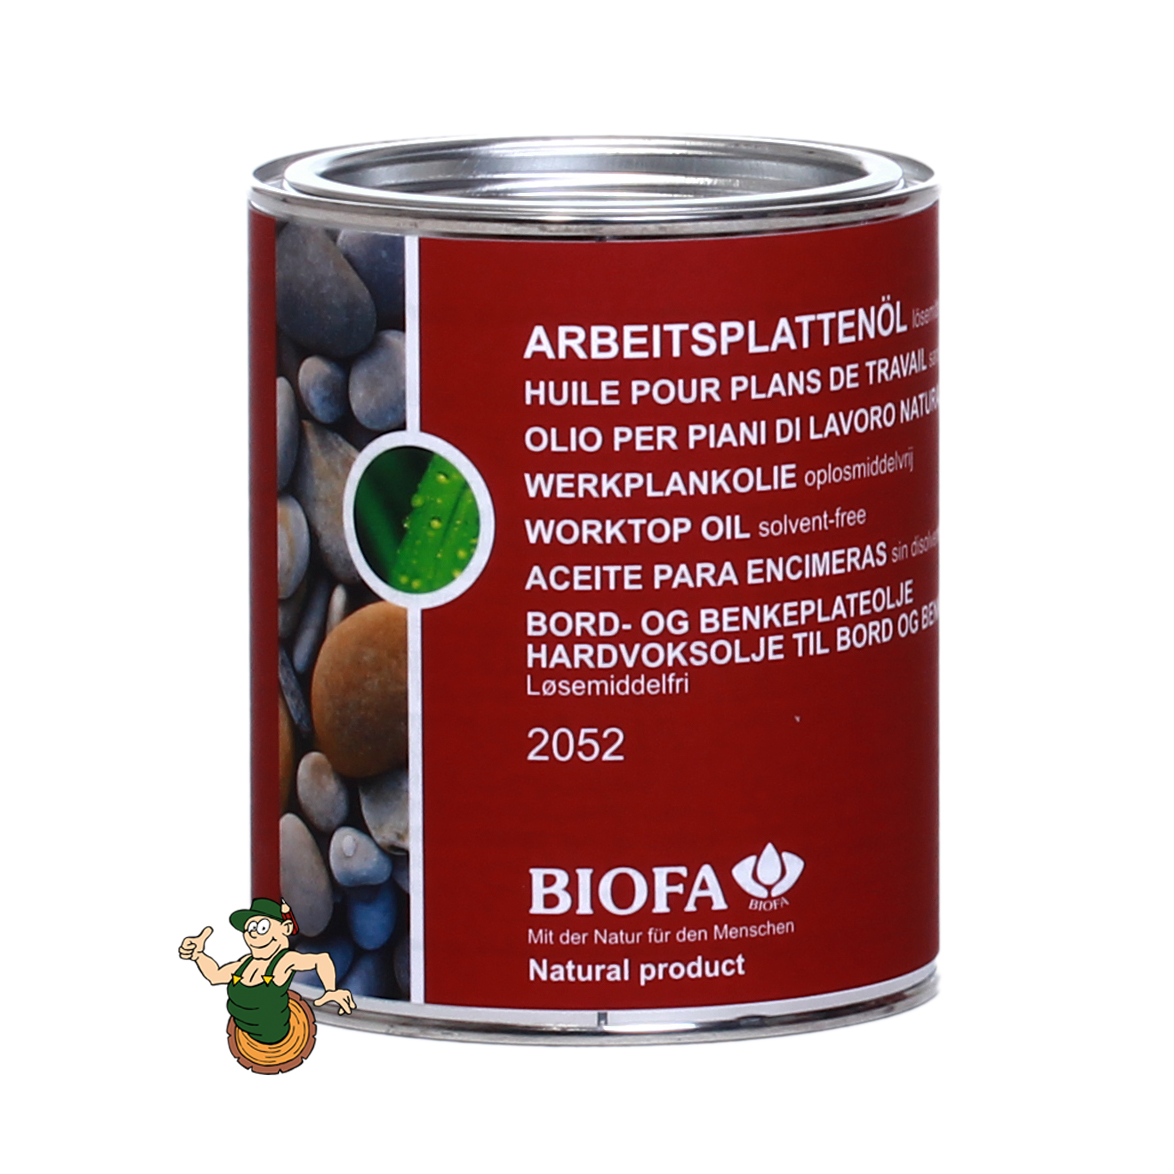 Arbeitsplattenöl Lösemittelfrei Biofa Versand